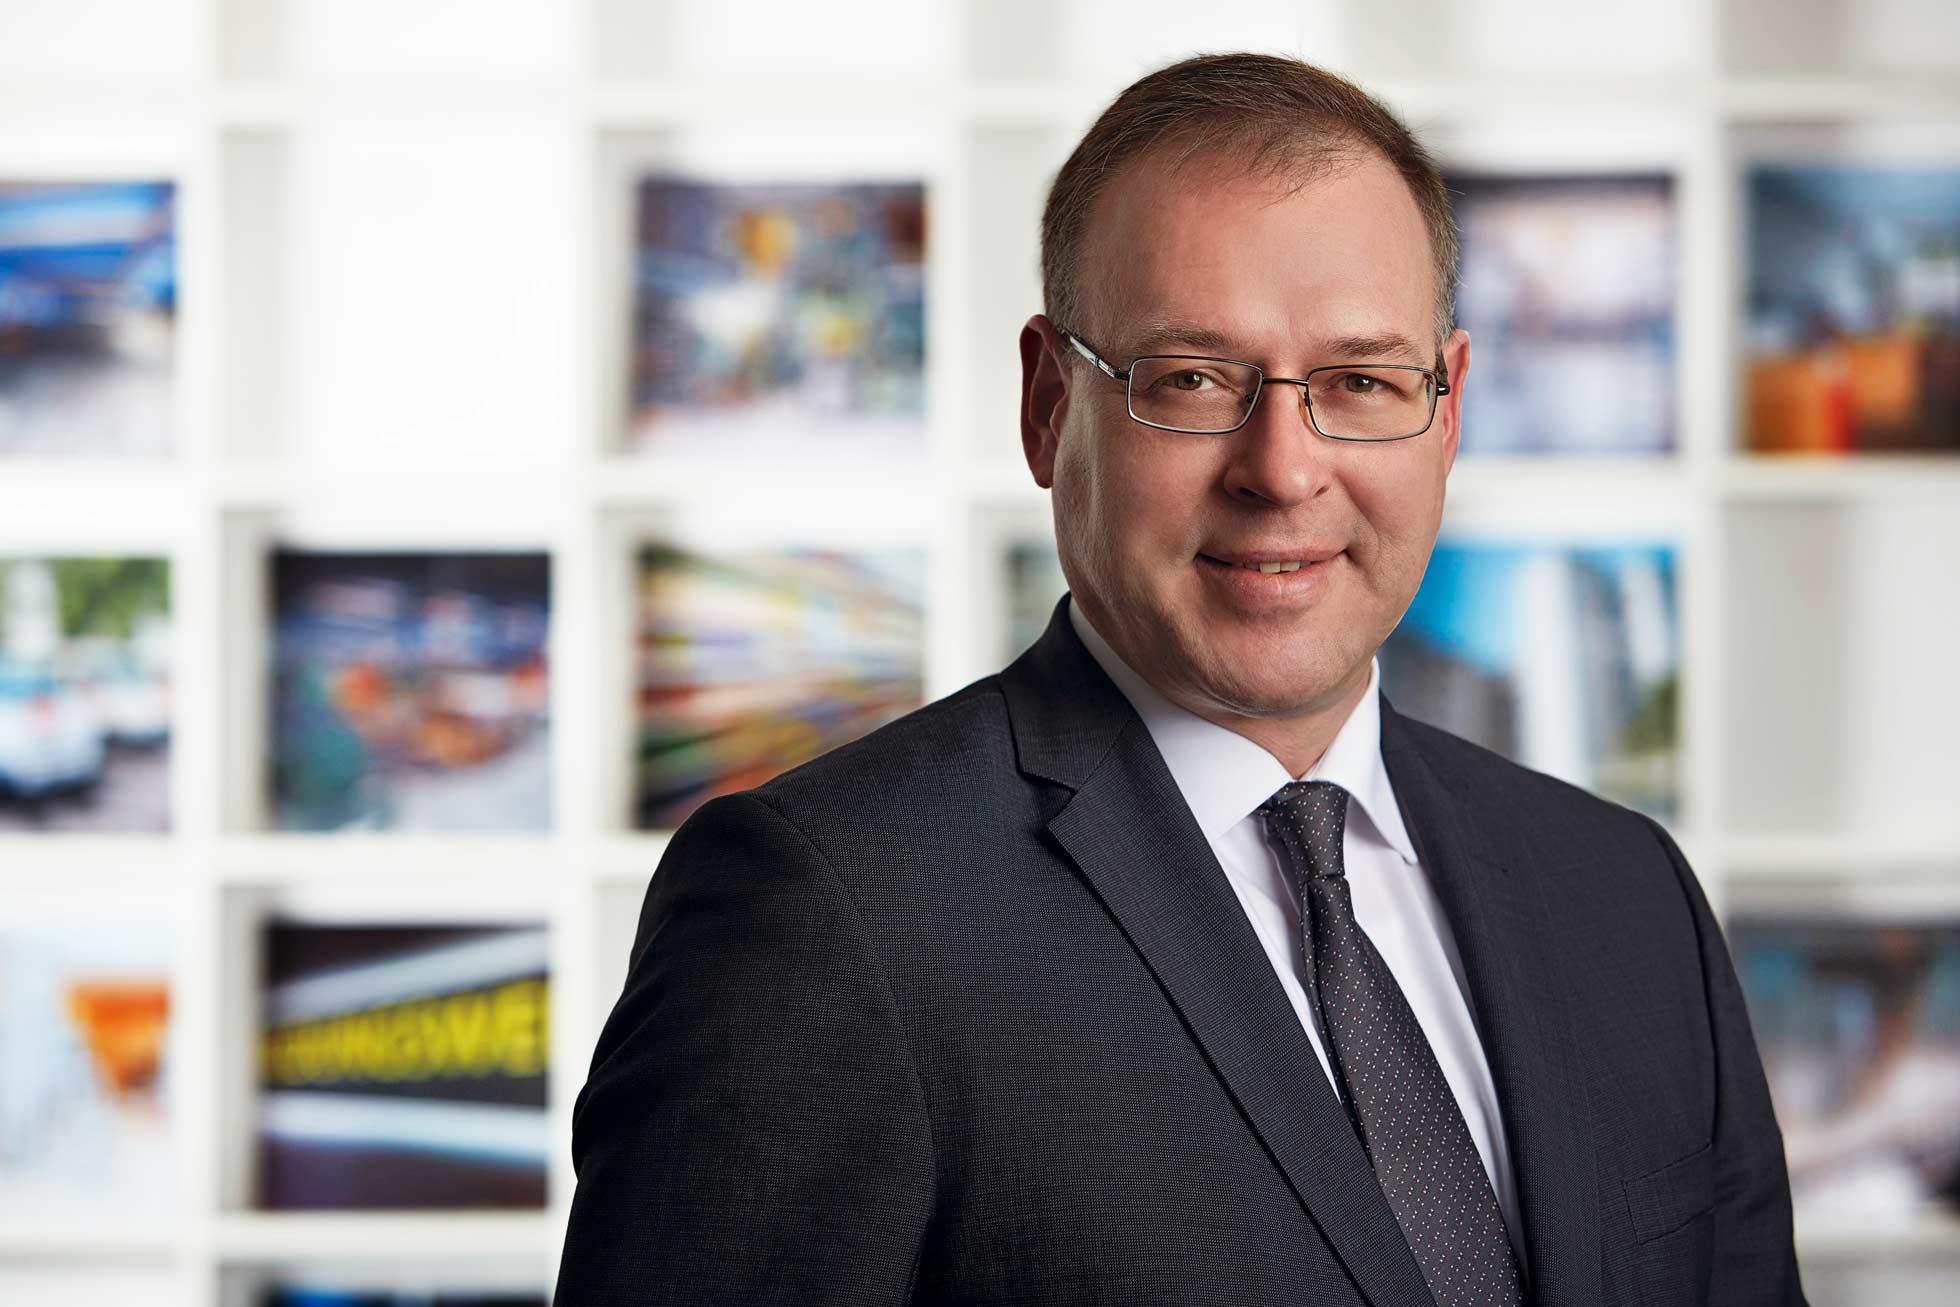 André Seckler ist seit 2011 mit eigenen Verfahrn in der Insolvenzverwaltung tätig. Rechtsanwalt Aachen, Rechtsanwalt Euskirchen